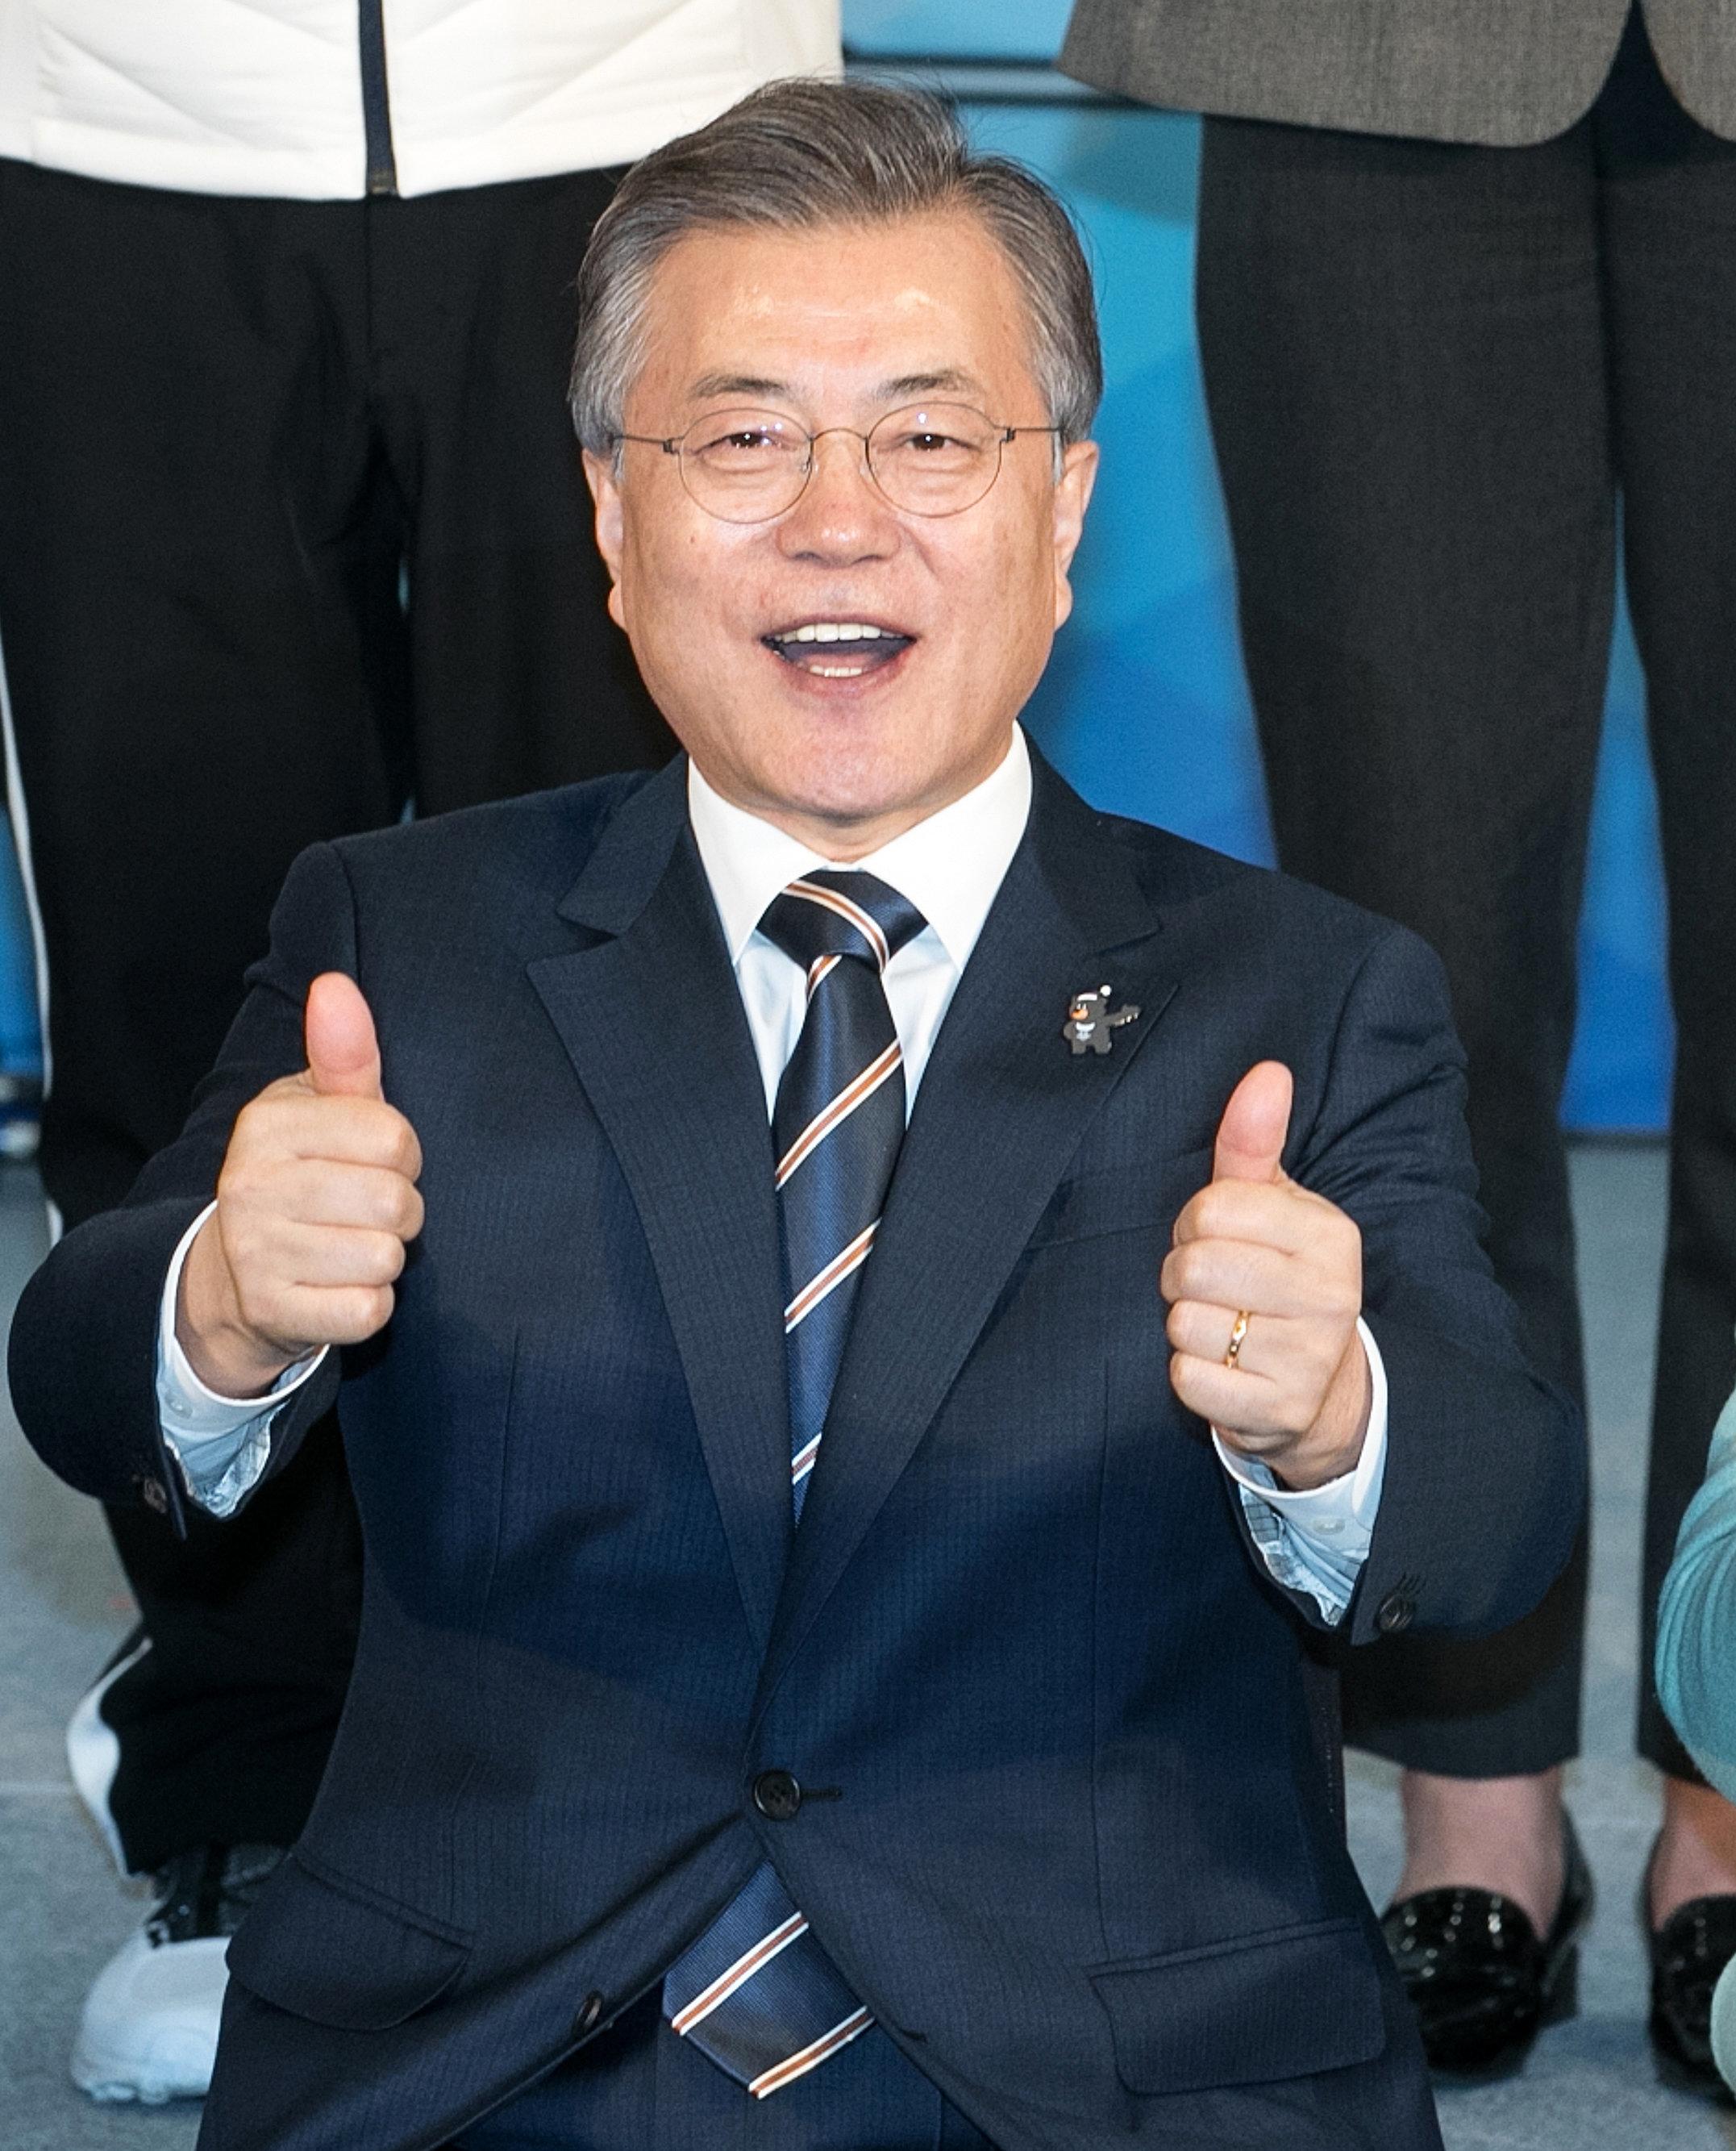 문대통령이 평창동계패럴림픽 한국 첫 메달리스트 신의현에게 전한 말